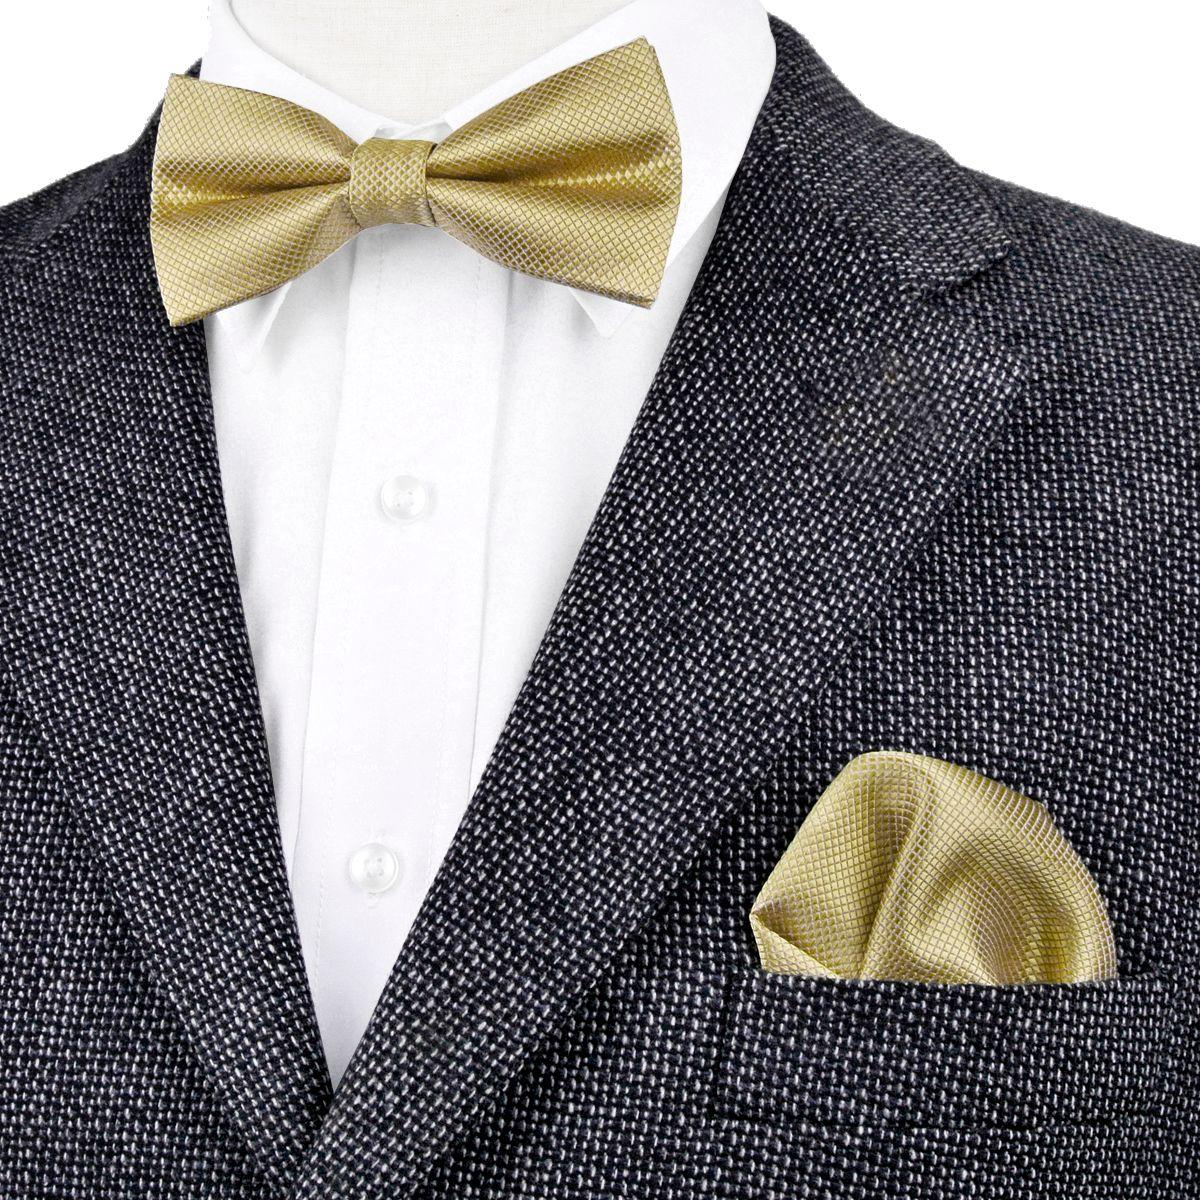 BF15 شحن مجاني الصلبة فحص الذهب الأصفر رجل قبل تعادل سهرة القوس التعادل المنديل 100٪ الحرير تعديل الجملة عارضة حفل زفاف